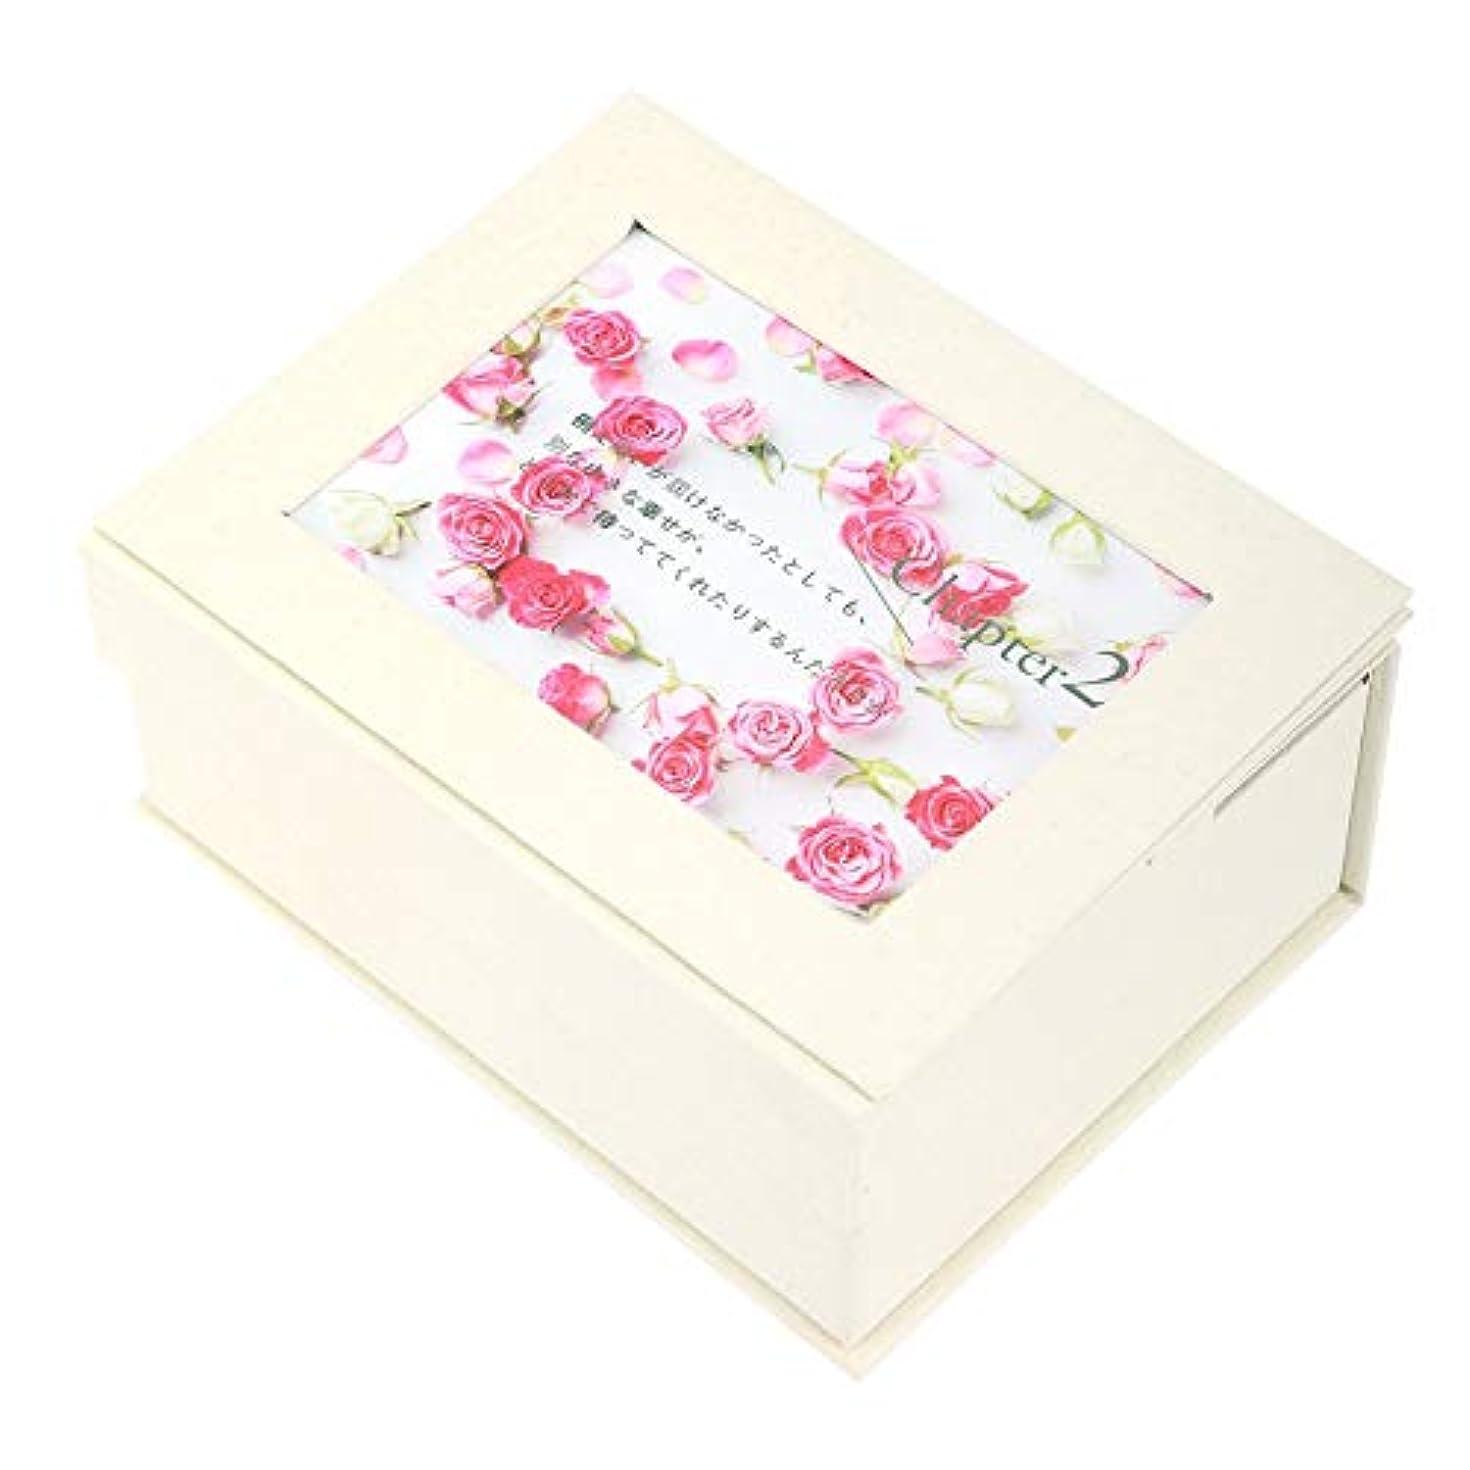 娘にんじんパステル石鹸の花のギフト用の箱、石鹸の花のギフト用の箱の女の子のお母さんの誕生日のクリスマスの結婚式のギフトの写真フレームが付いている花の石鹸(#1)